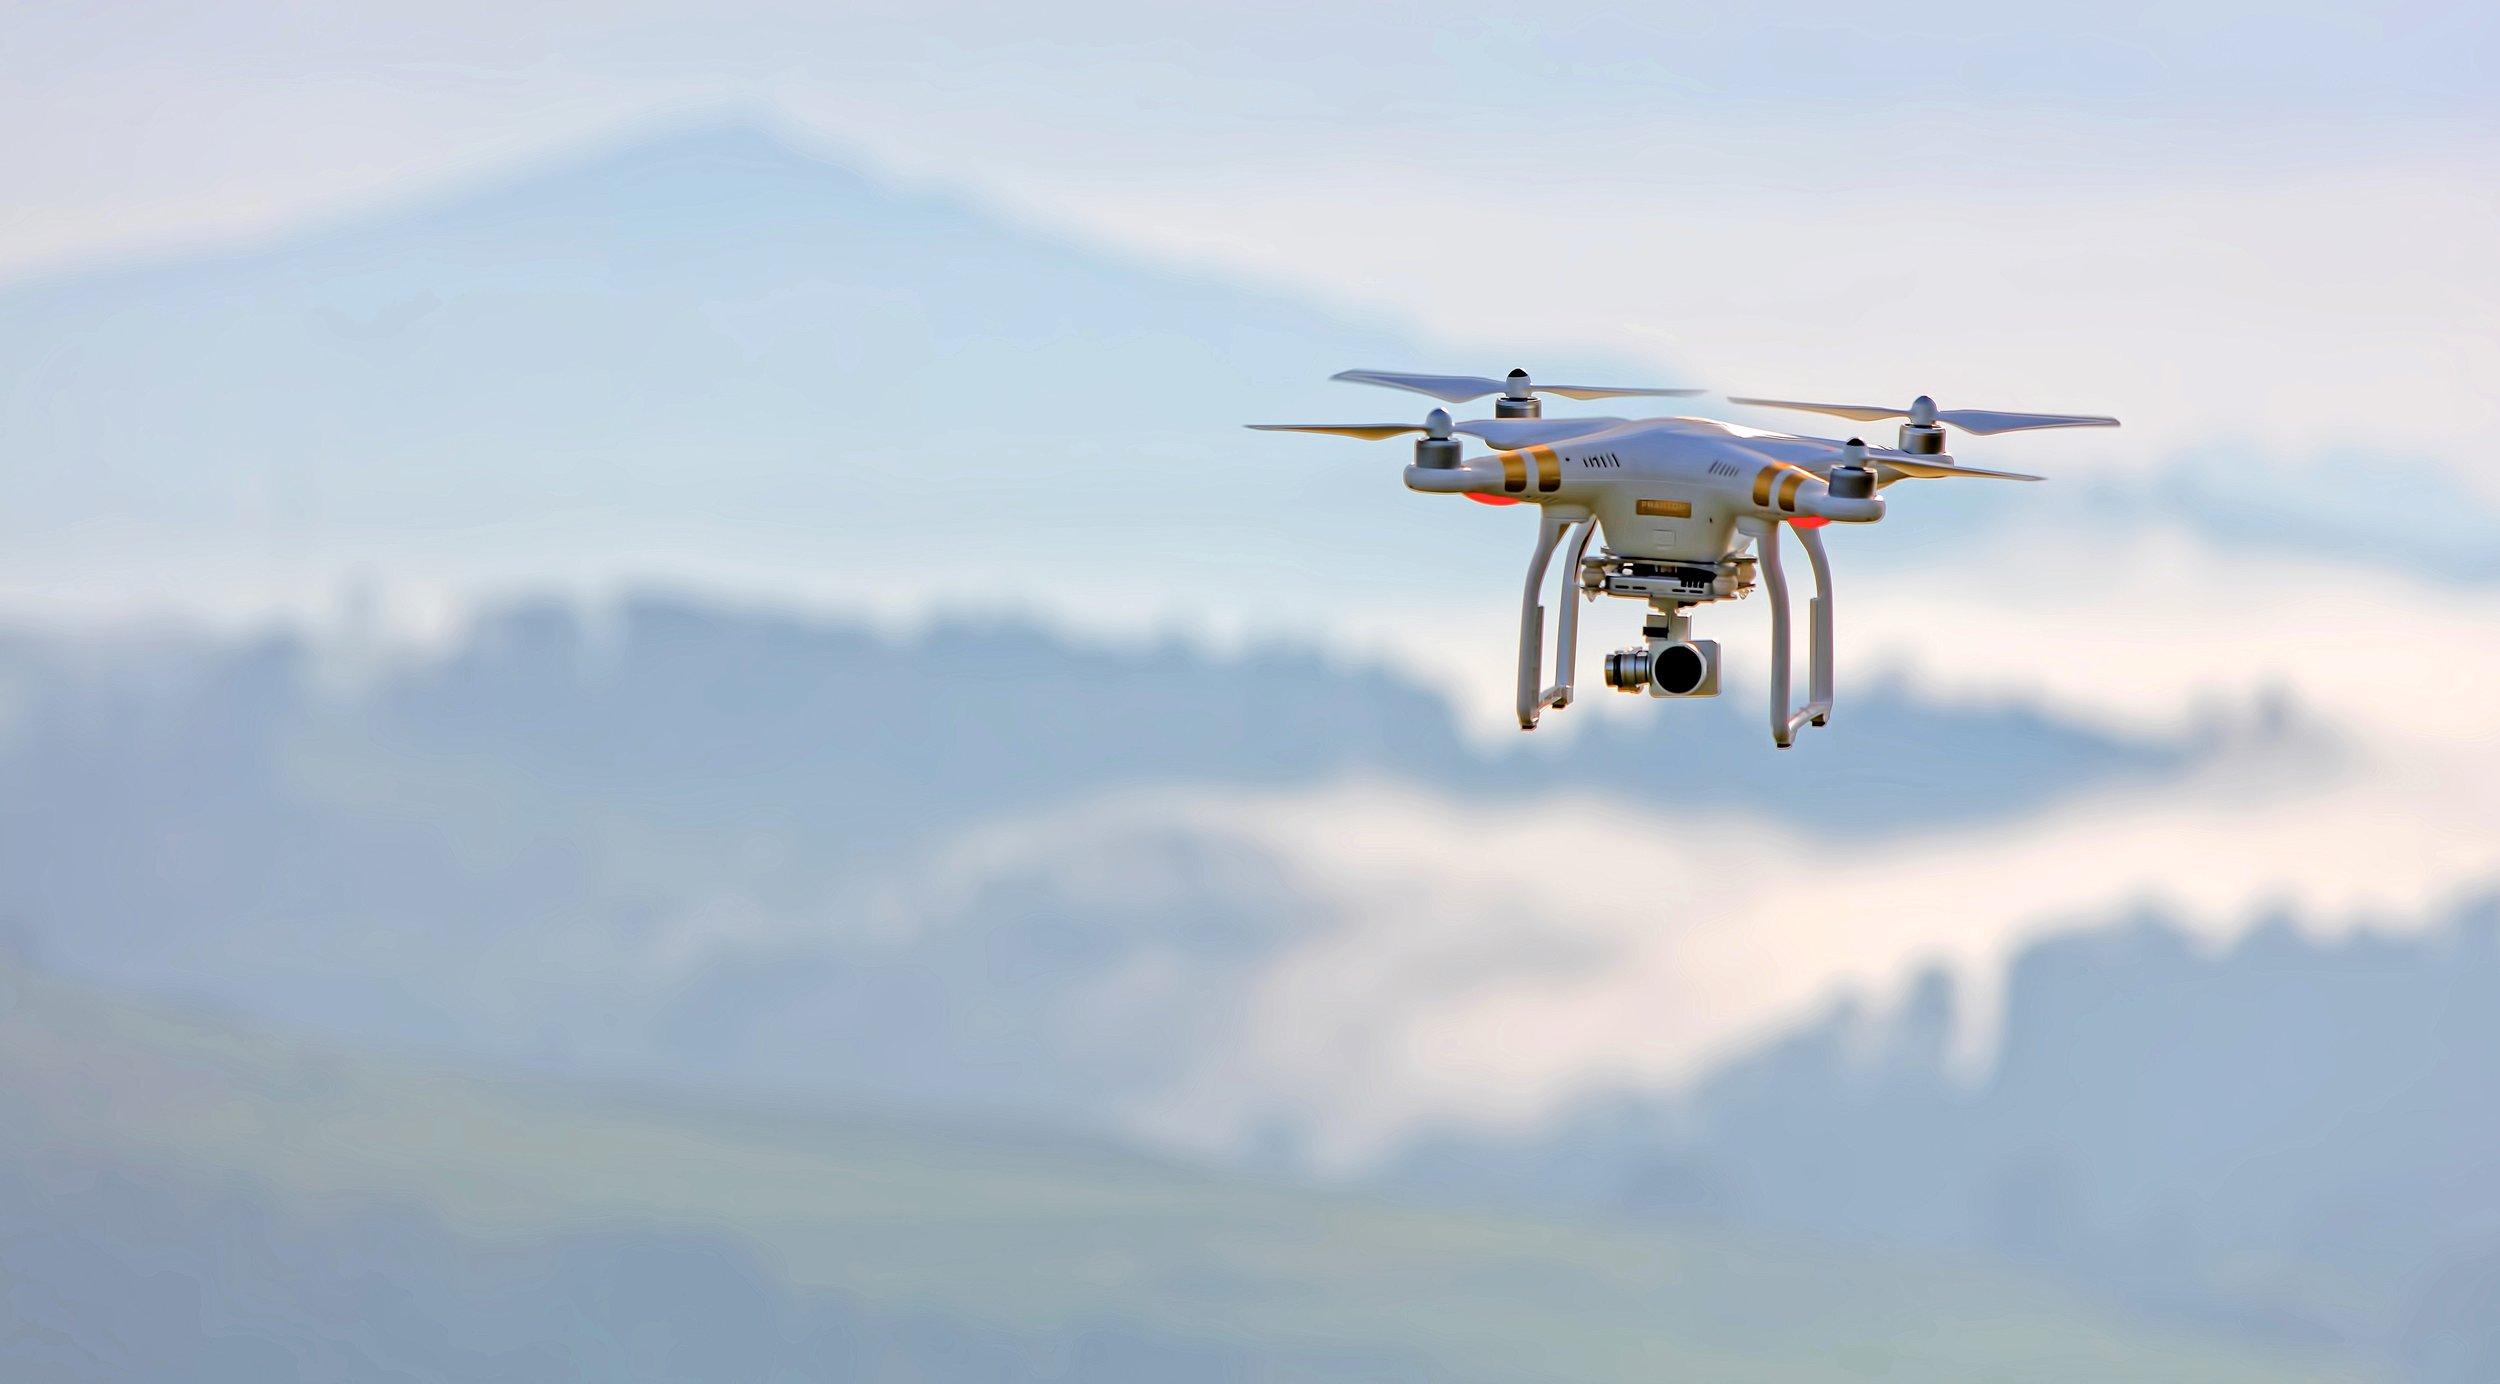 DRONI PER COMBATTERE INQUINAMENTO ATMOSFERICO